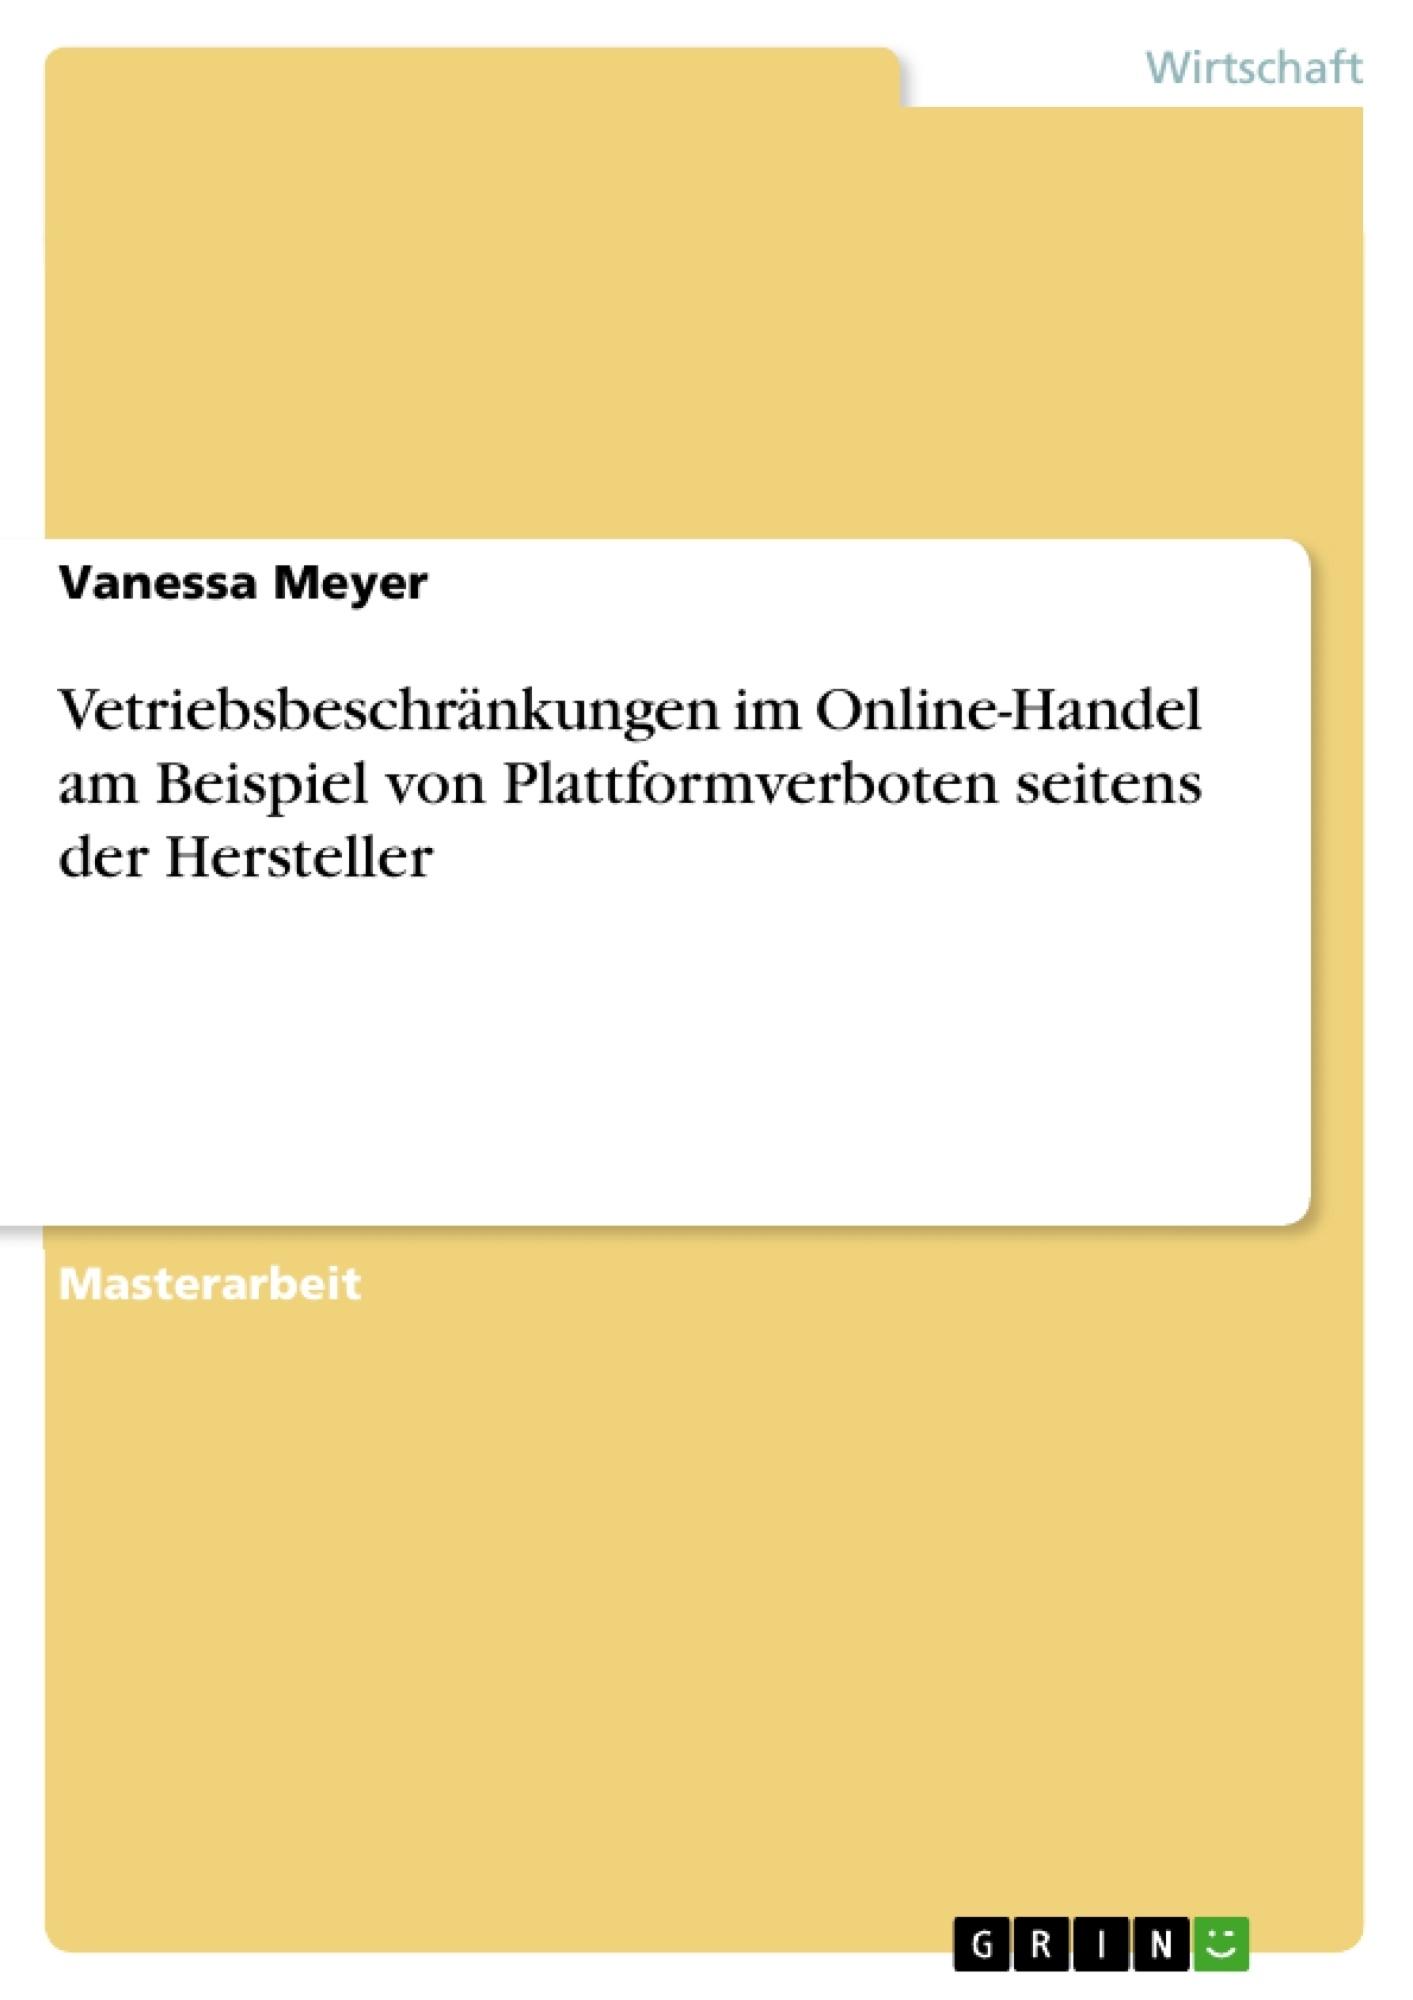 Titel: Vetriebsbeschränkungen im Online-Handel am Beispiel von Plattformverboten seitens der Hersteller